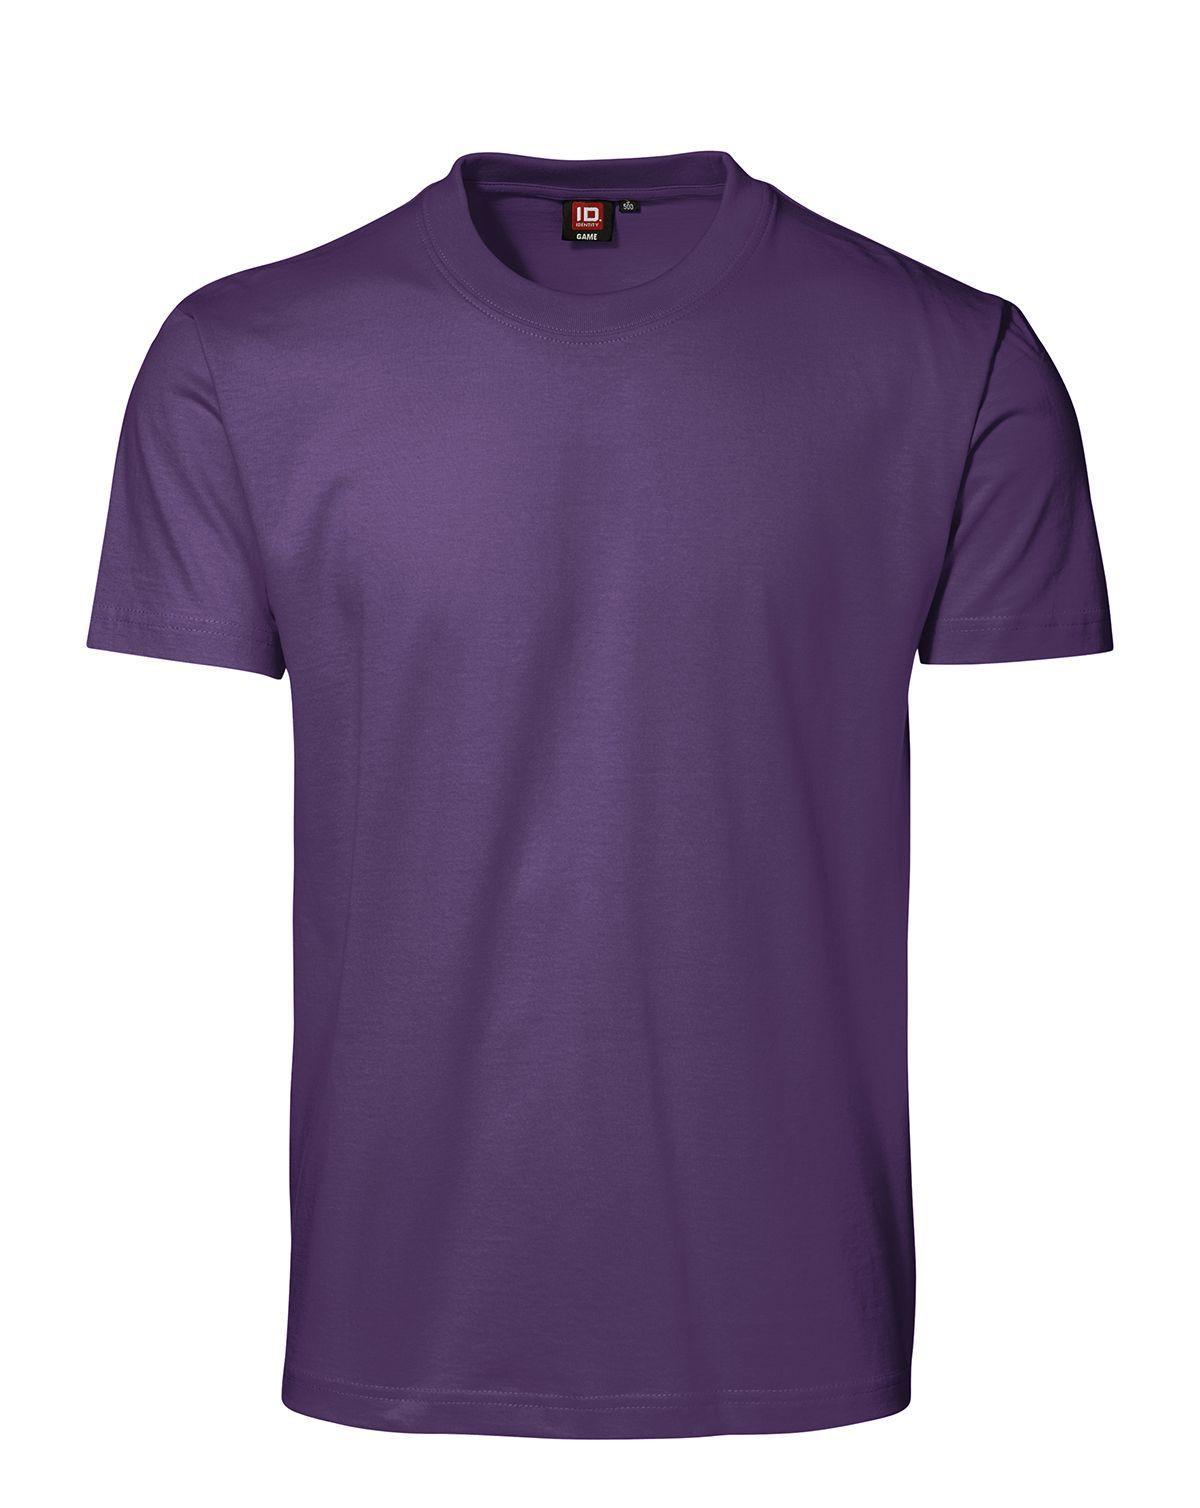 ID GAME T-shirt (Lila, XL)